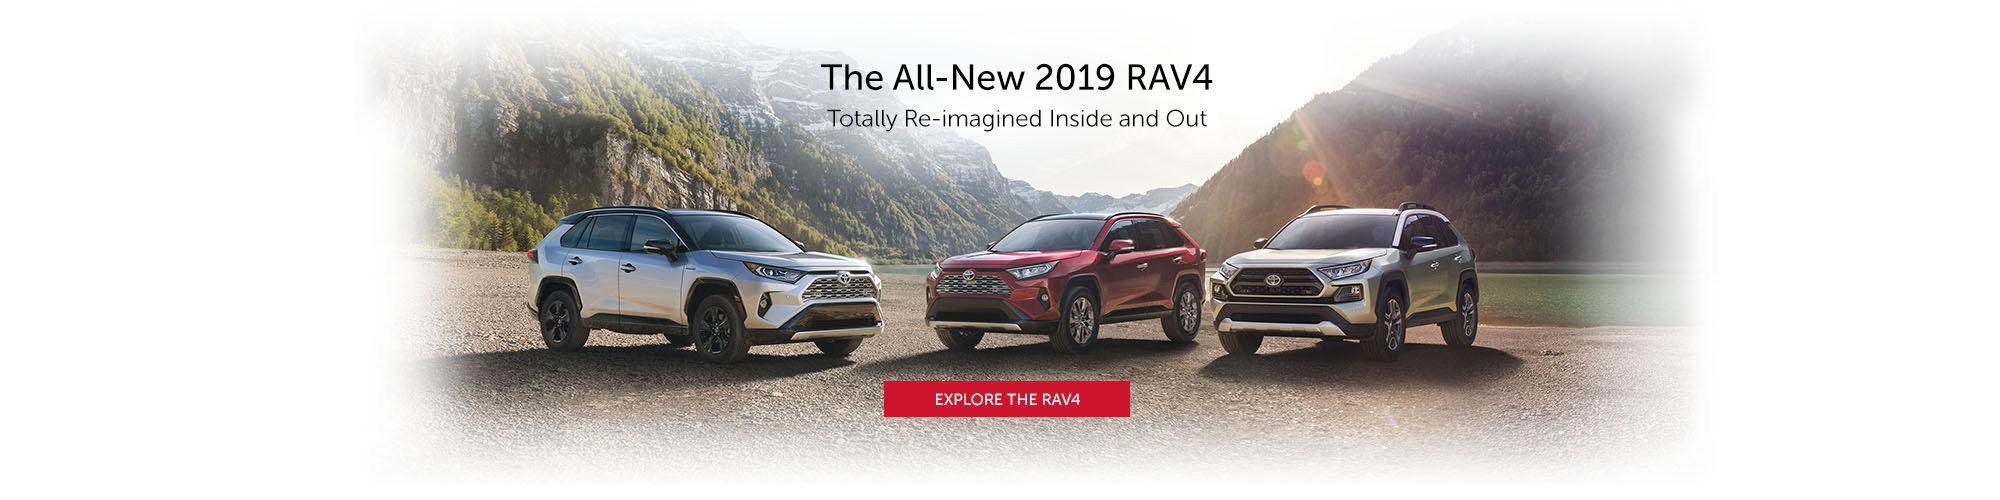 2019 Rav4